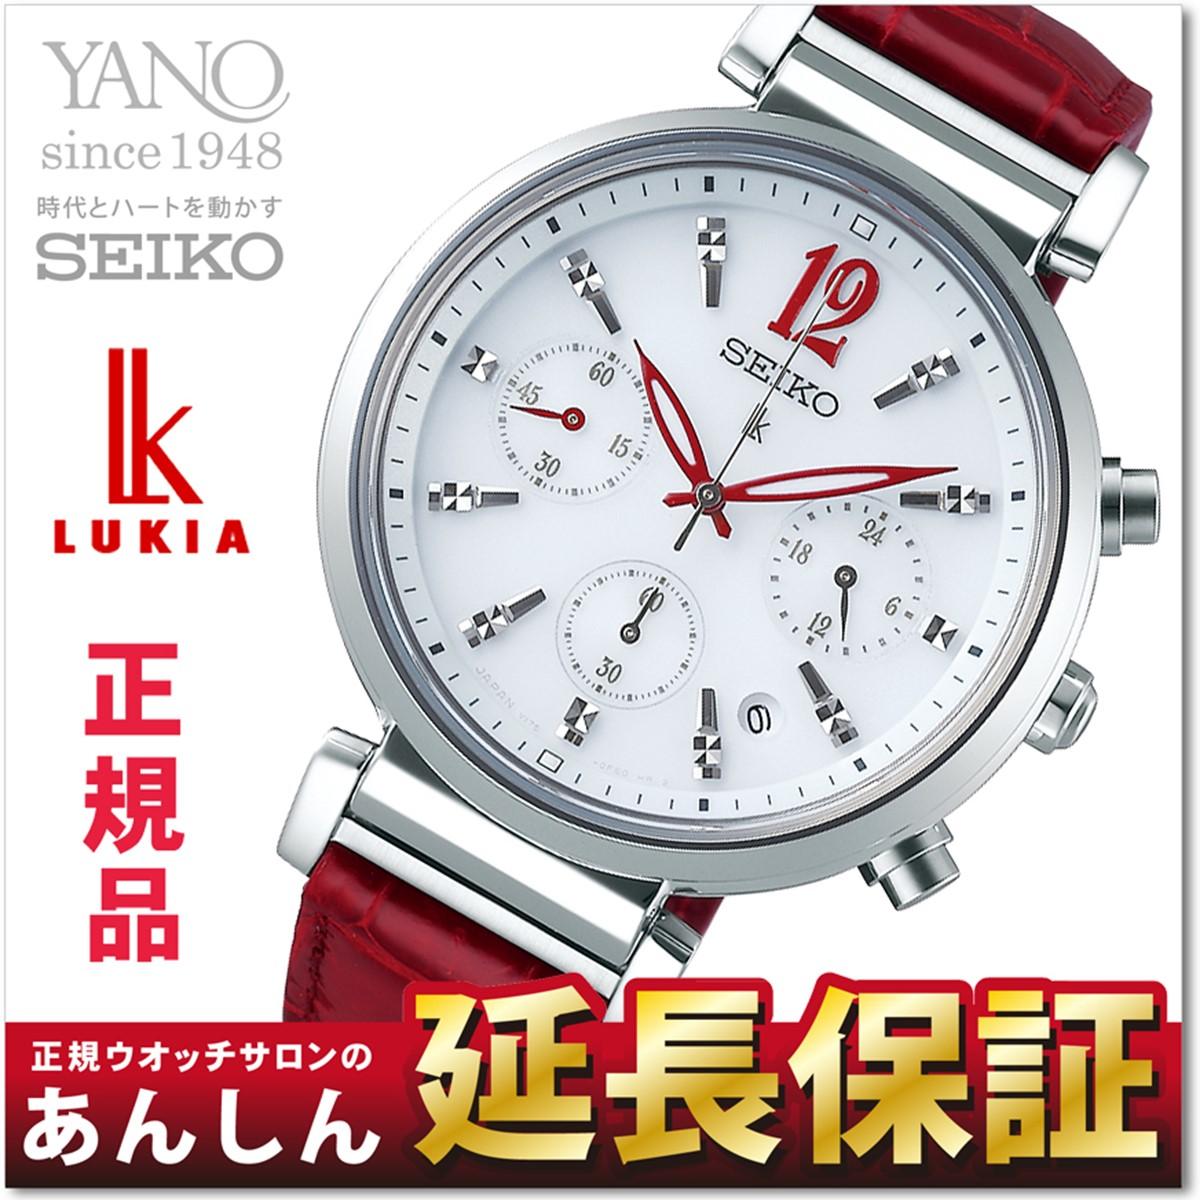 【ノベルティ付き♪】セイコー ルキア SSVS035 ソーラー クロノグラフ レディース 腕時計 SEIKO LUKIA【正規品】【0917】※こちらは電波時計ではありません。【店頭受取対応商品】